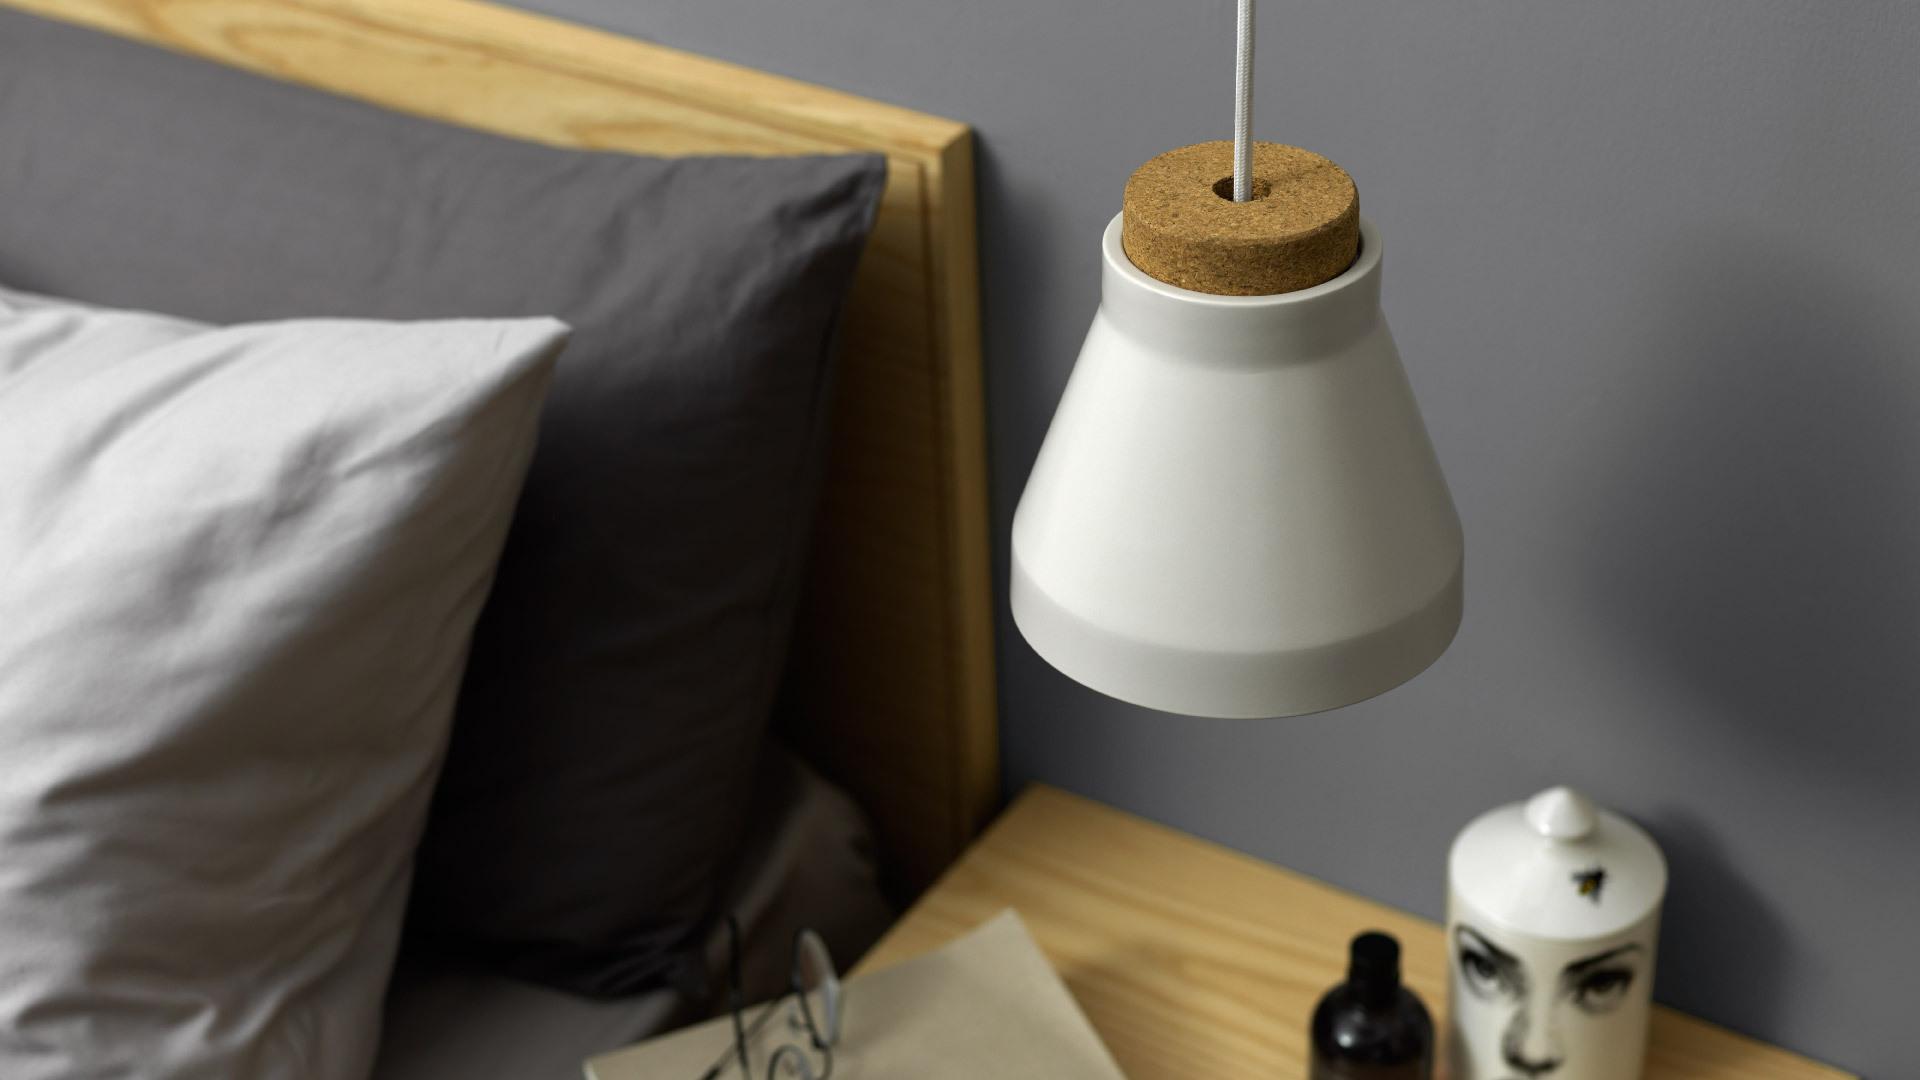 比台灯更时髦的床头吊灯